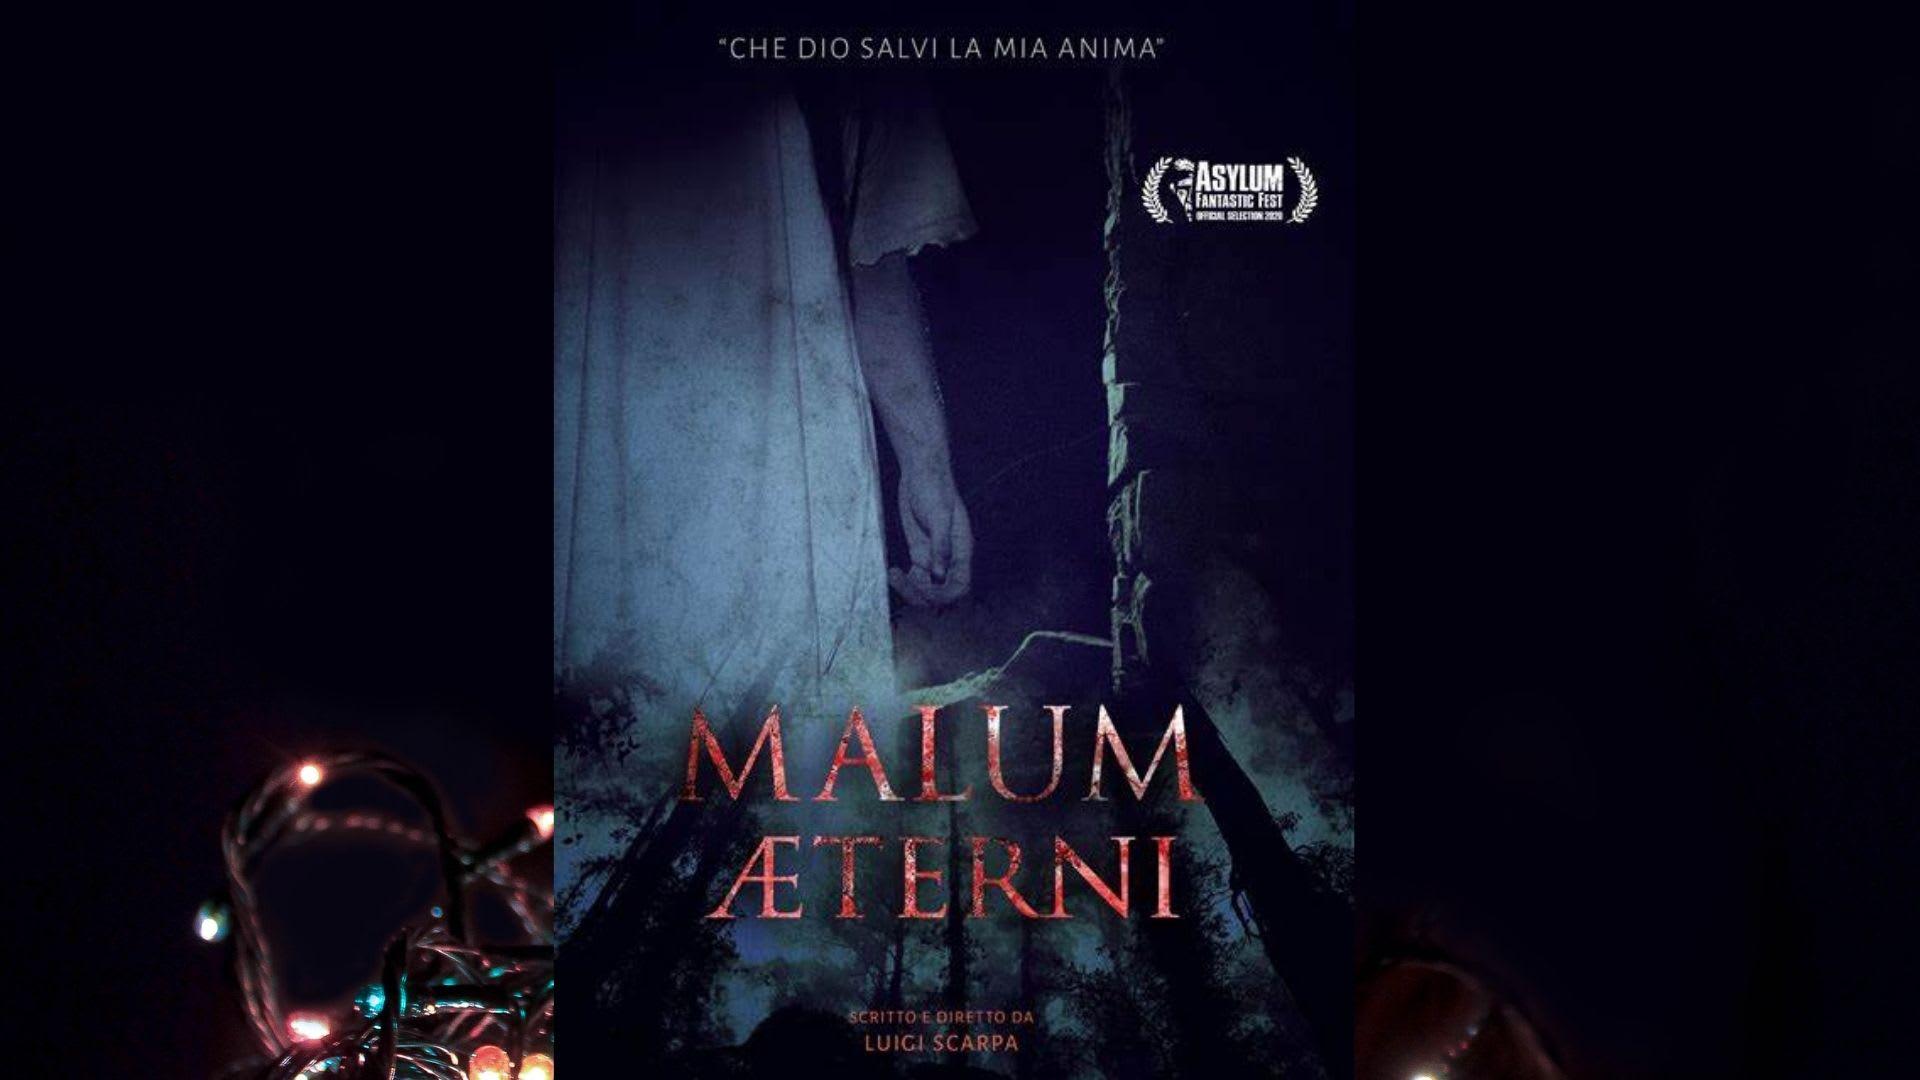 Il cinema horror italiano torna al suo splendore